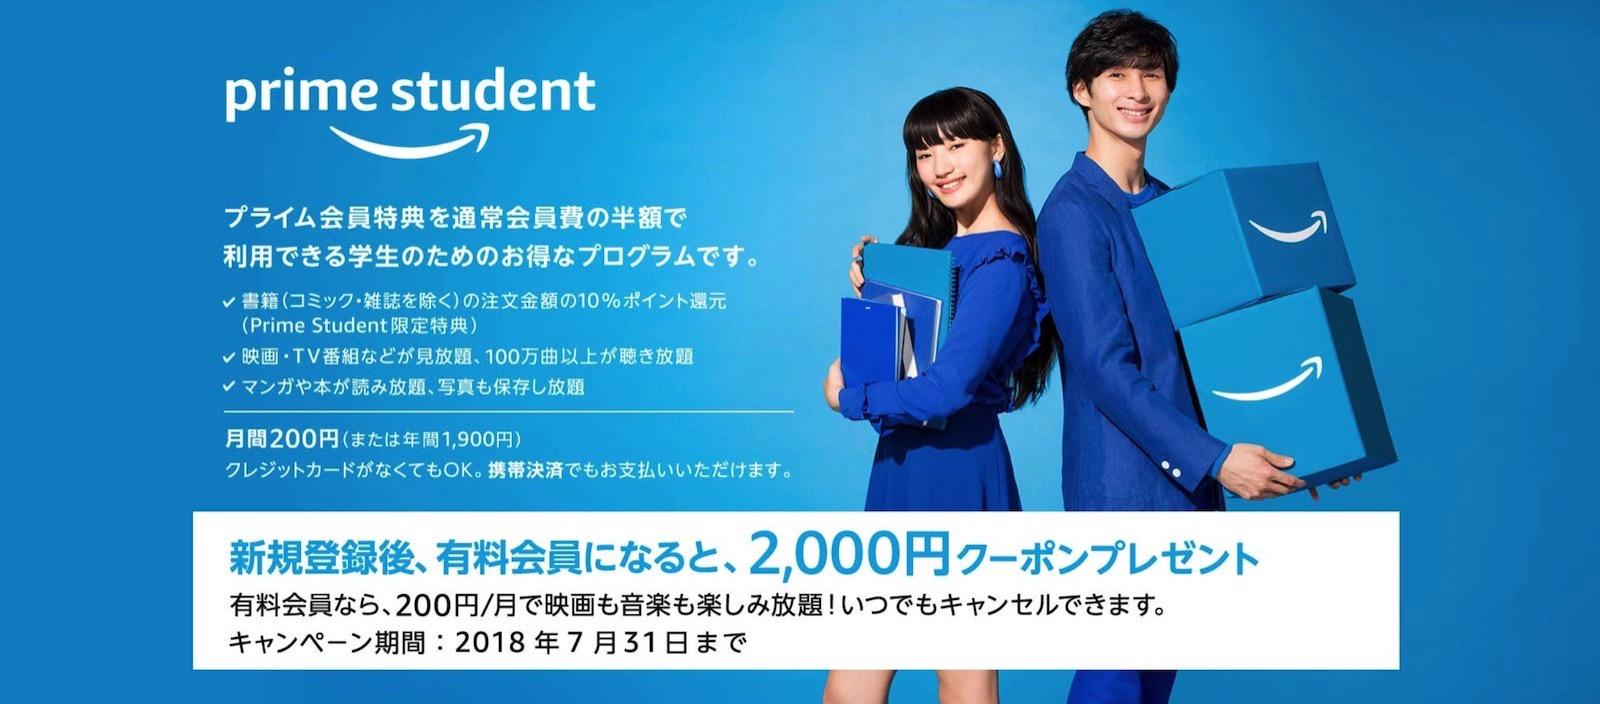 Prime Student Campaign